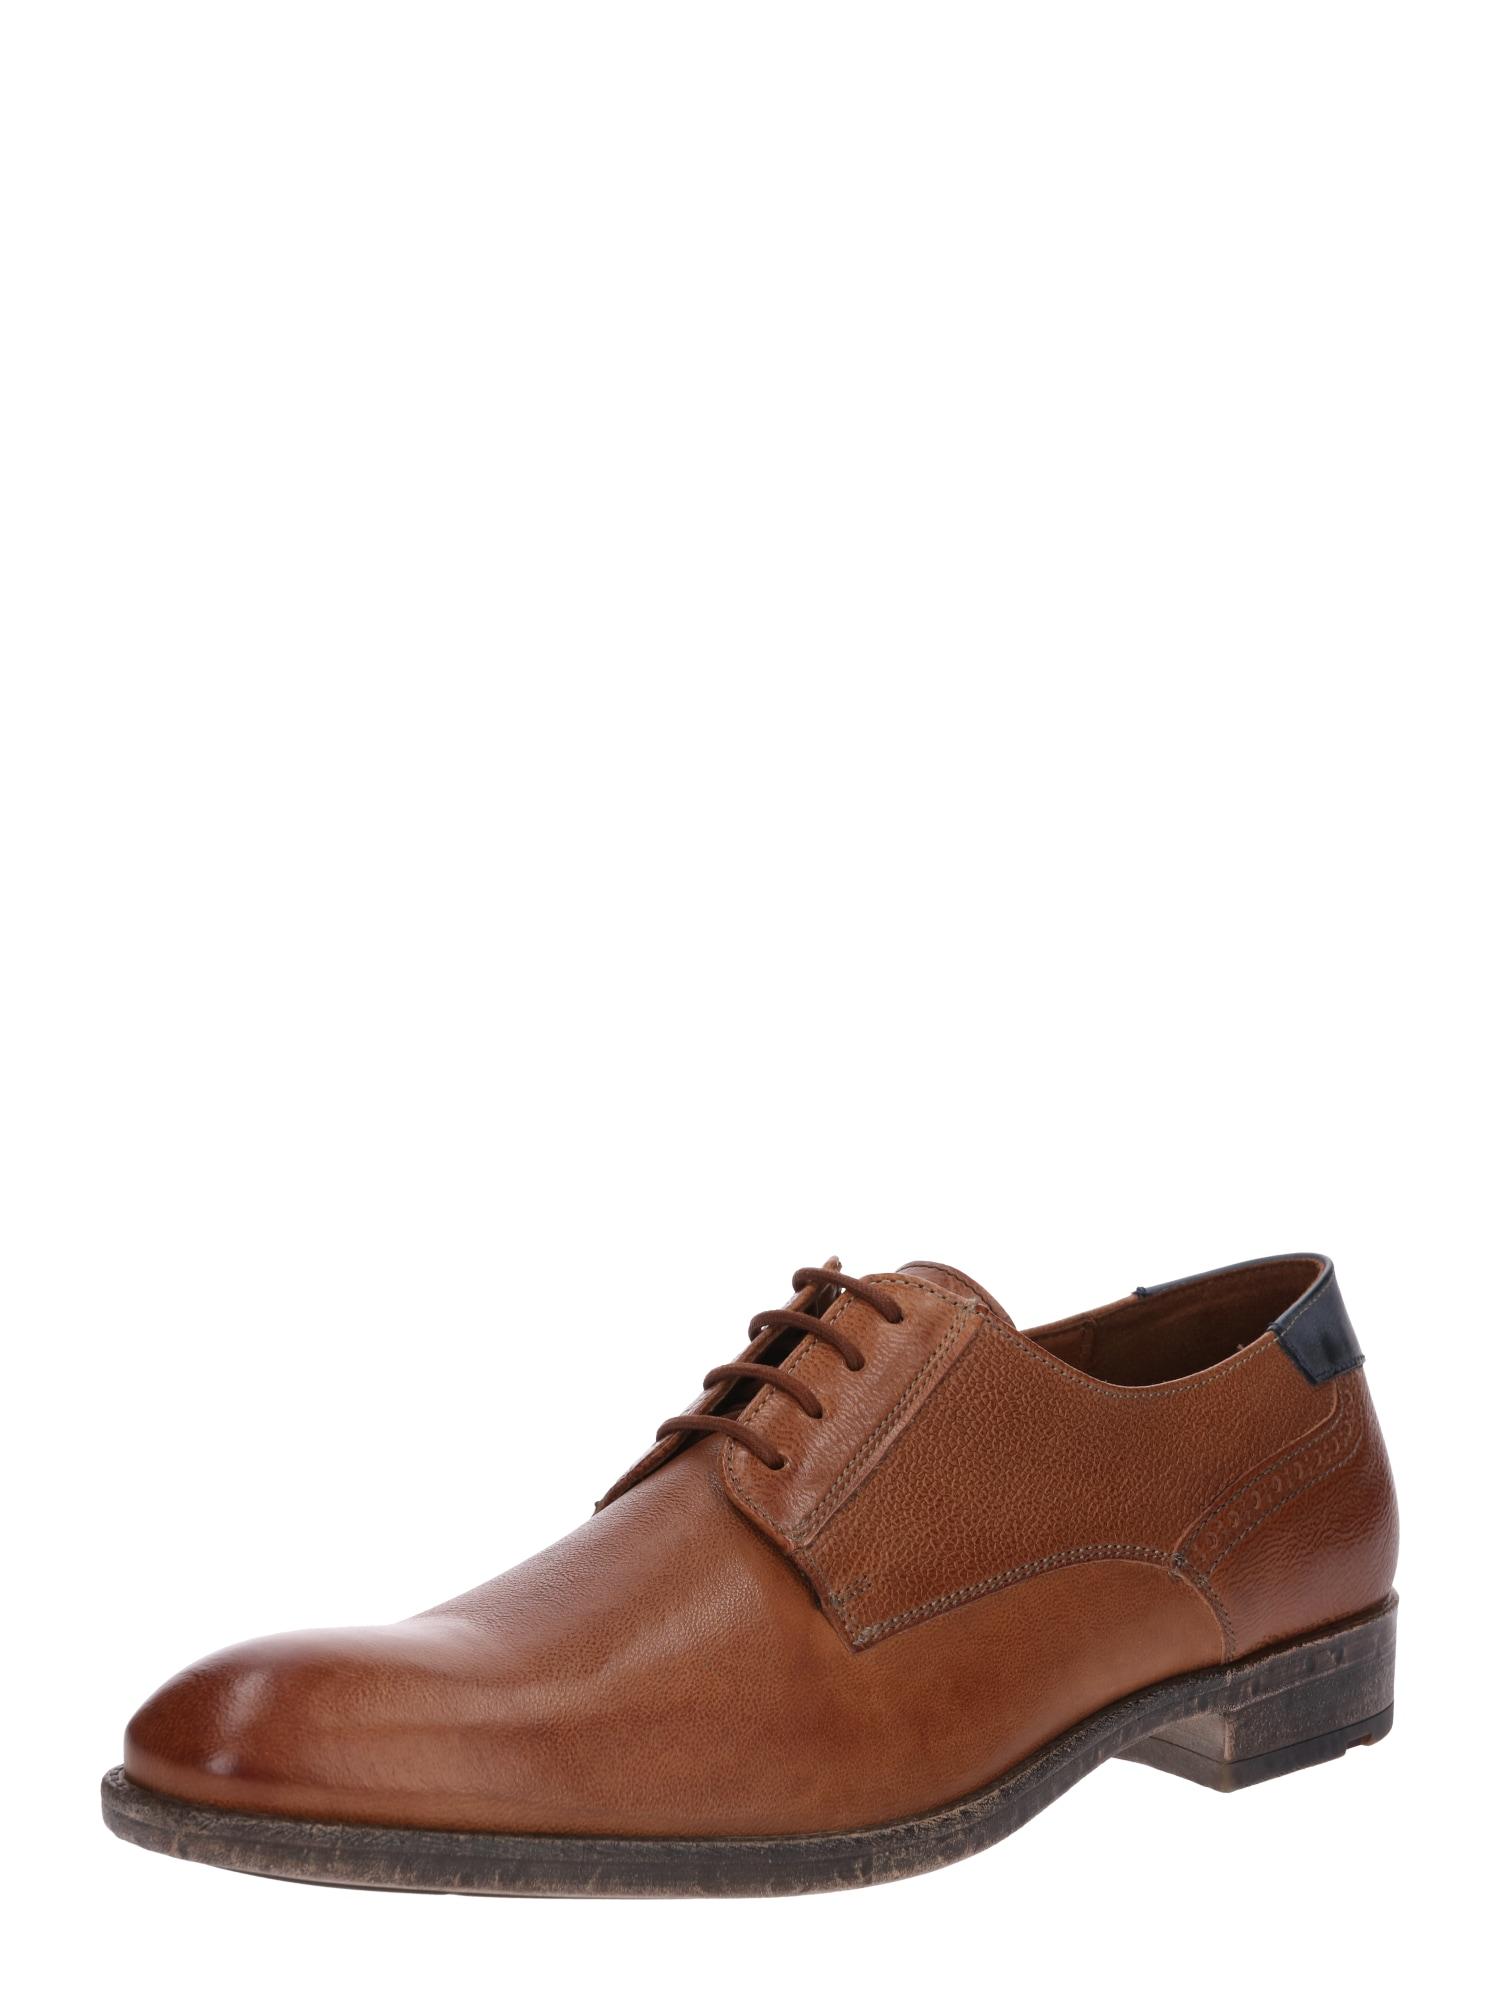 Šněrovací boty DALVA koňaková LLOYD